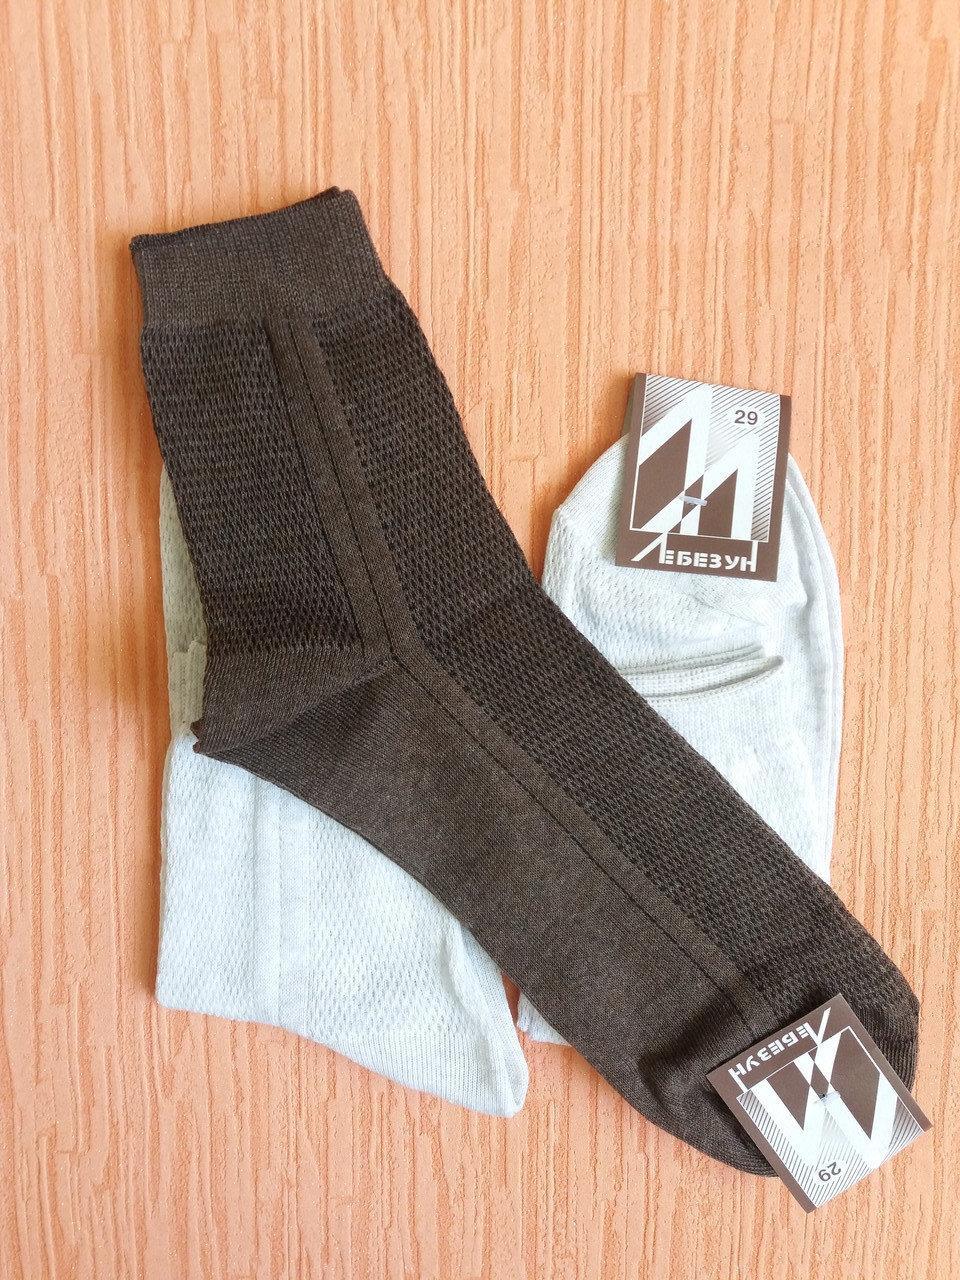 Носки мужские хлопок сеточка высокие р.29 коричневый, светло-серый.От 10 пар по 4,80грн